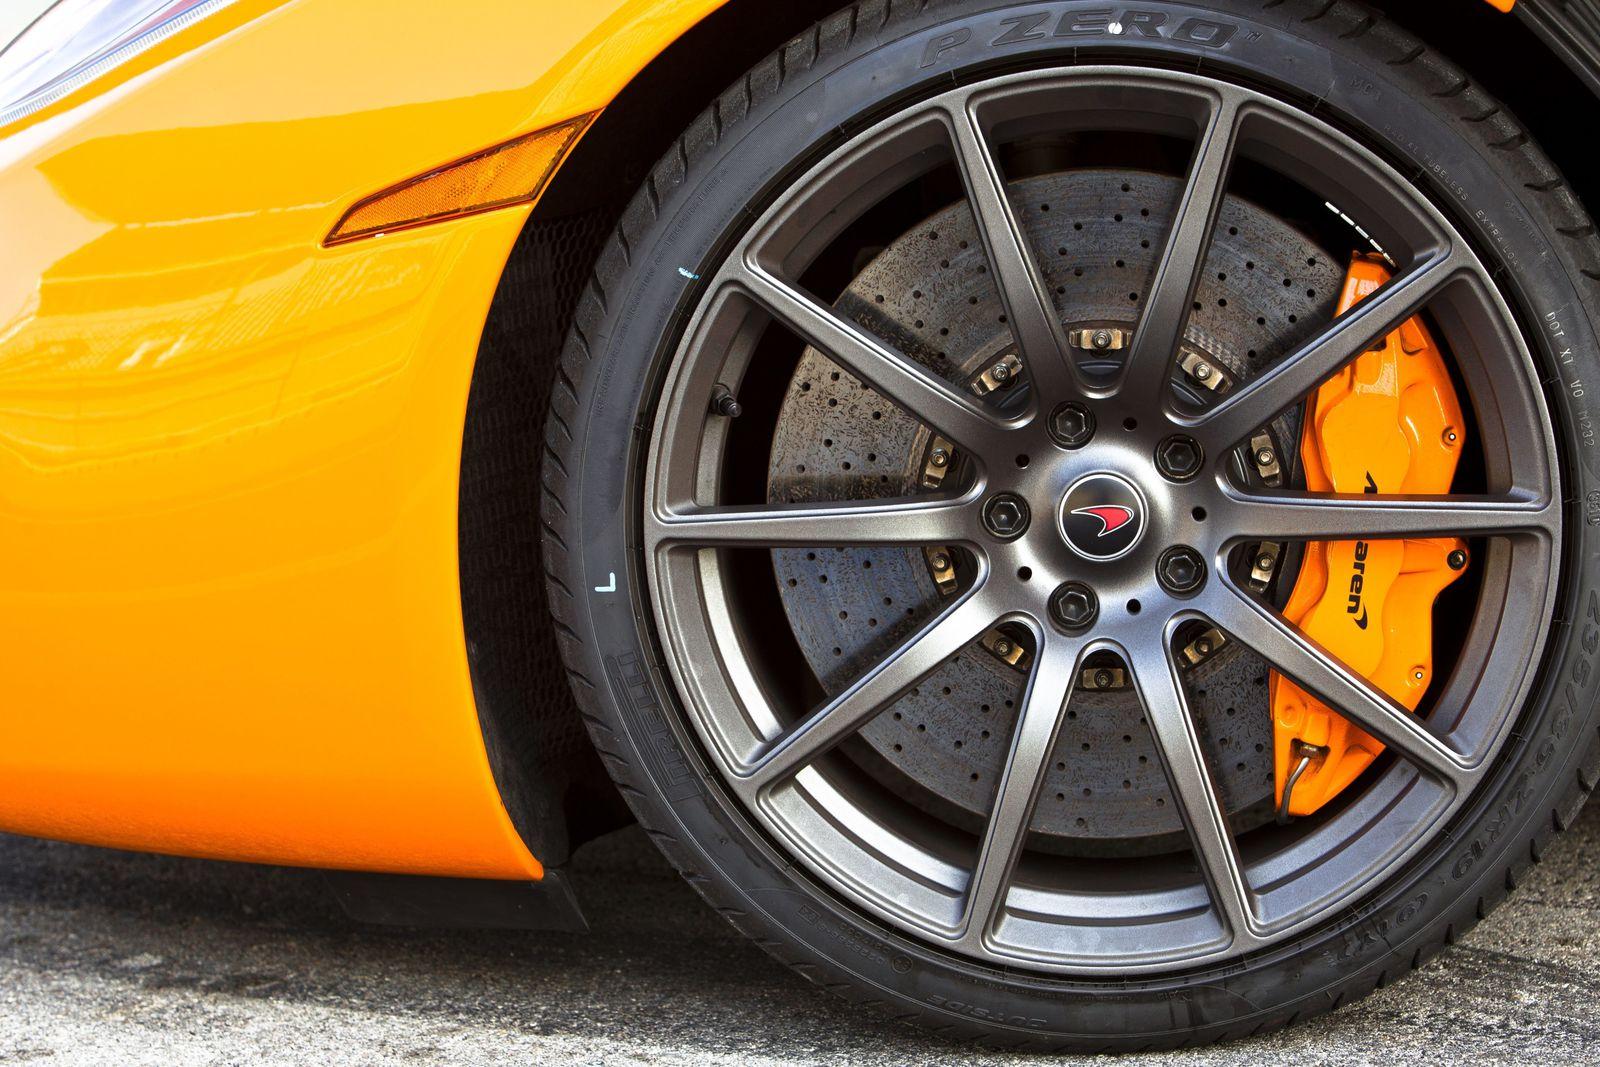 wheels, tyres and brakes - mclaren mp4-12c